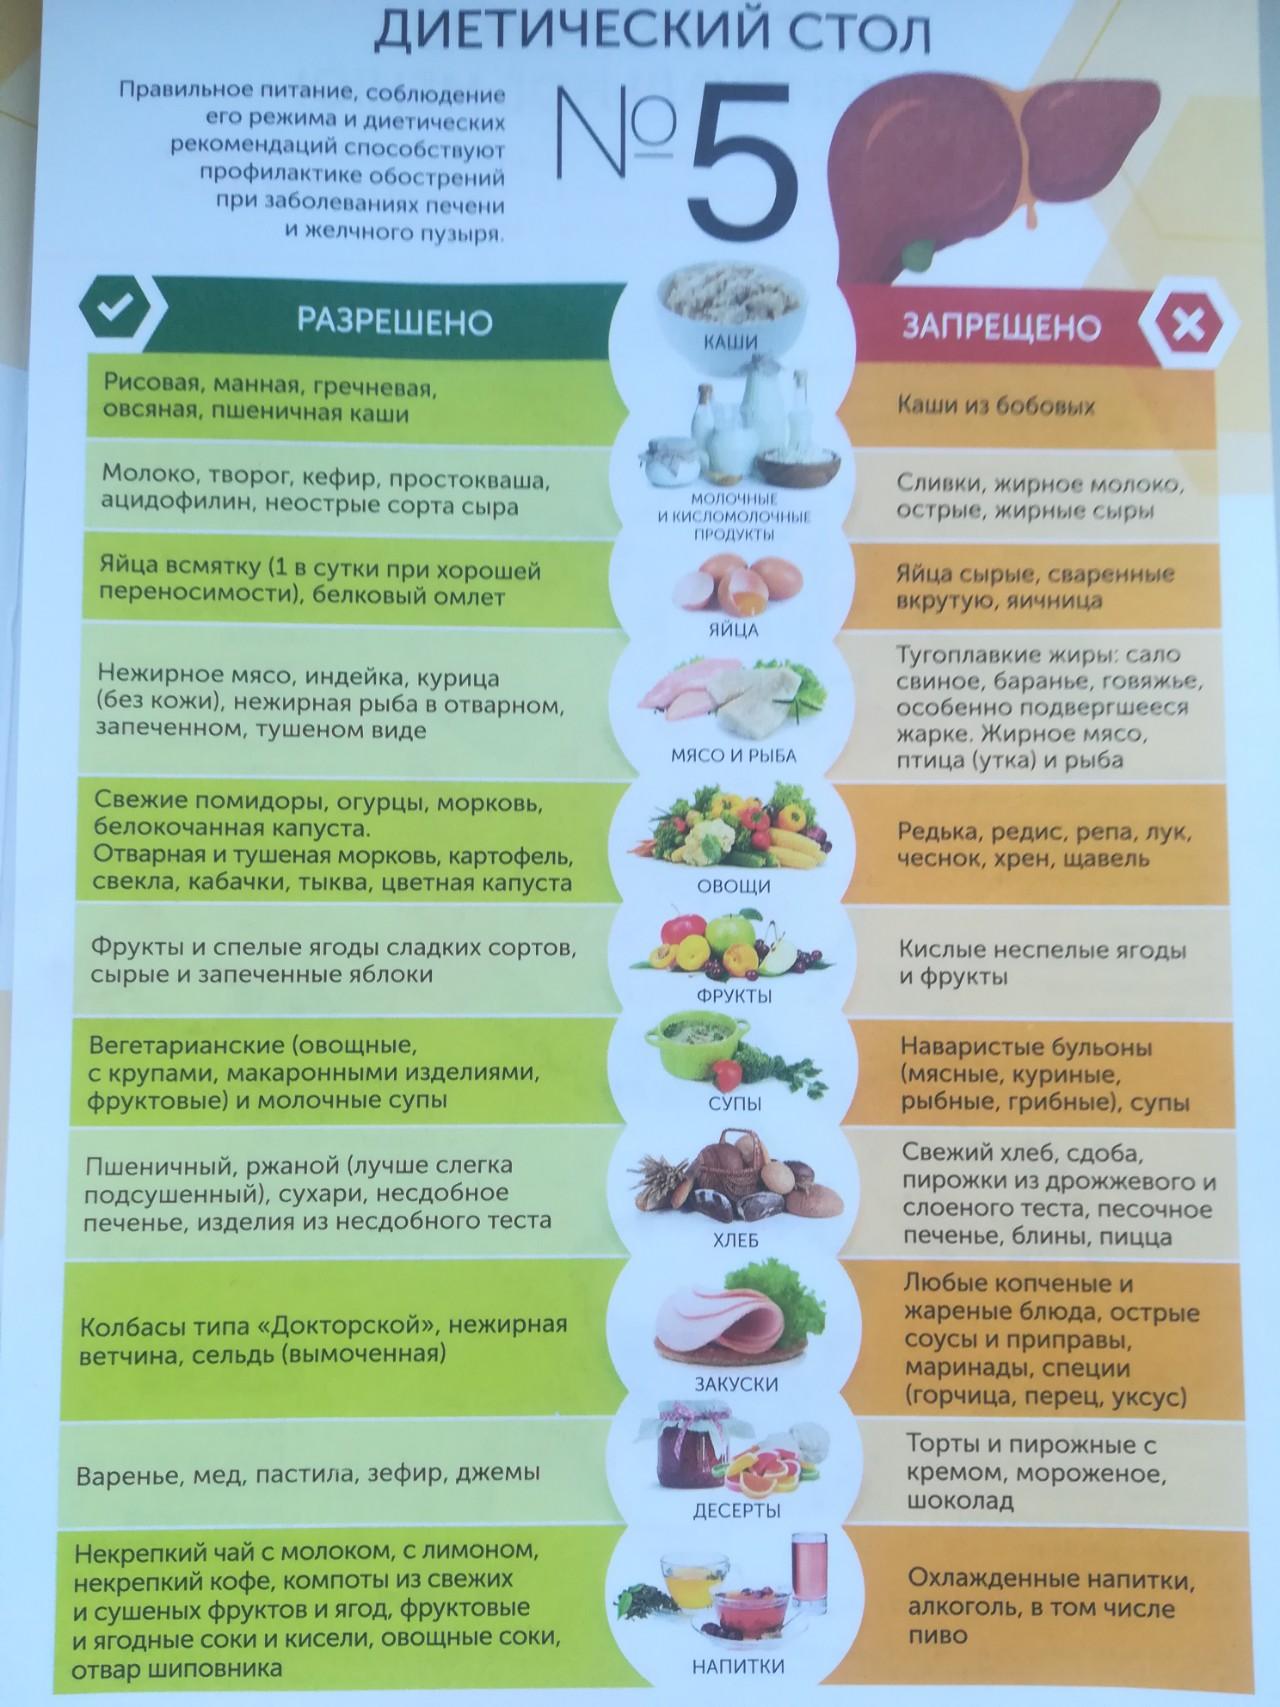 Диета номер 5 калорийность